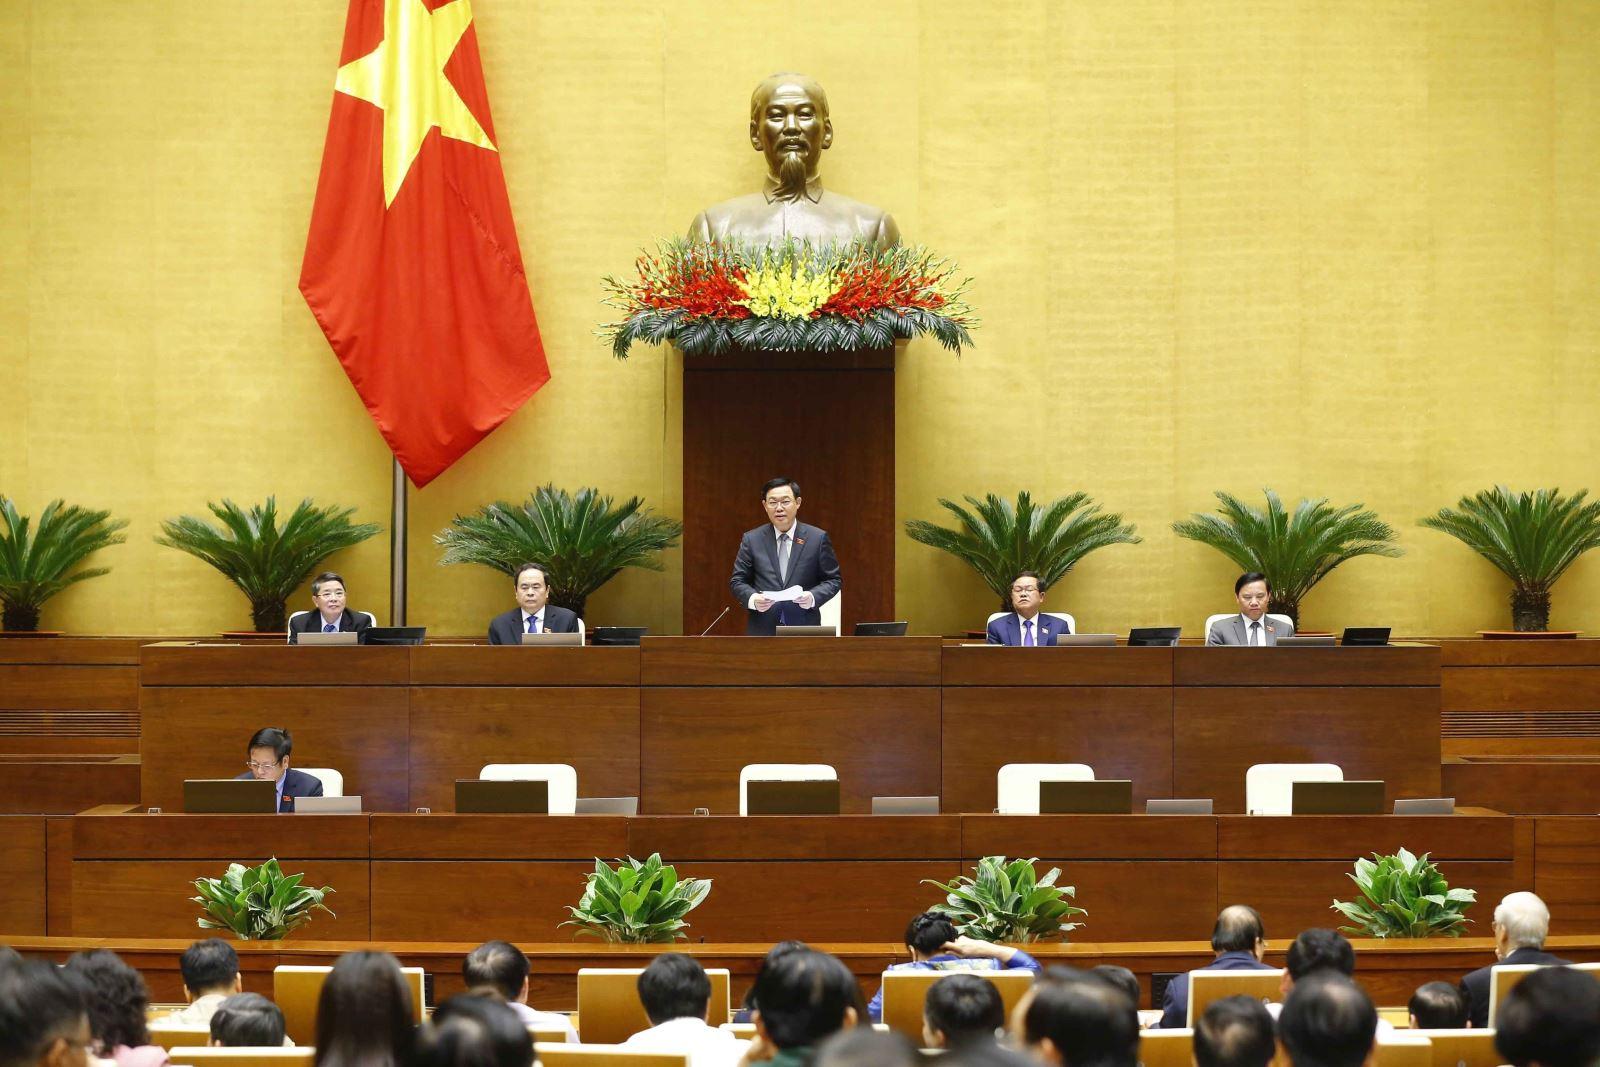 Chủ tịch Quốc hội Vương Đình Huệ phát biểu tại phiên họp. Ảnh: Doãn Tấn/TTXVN